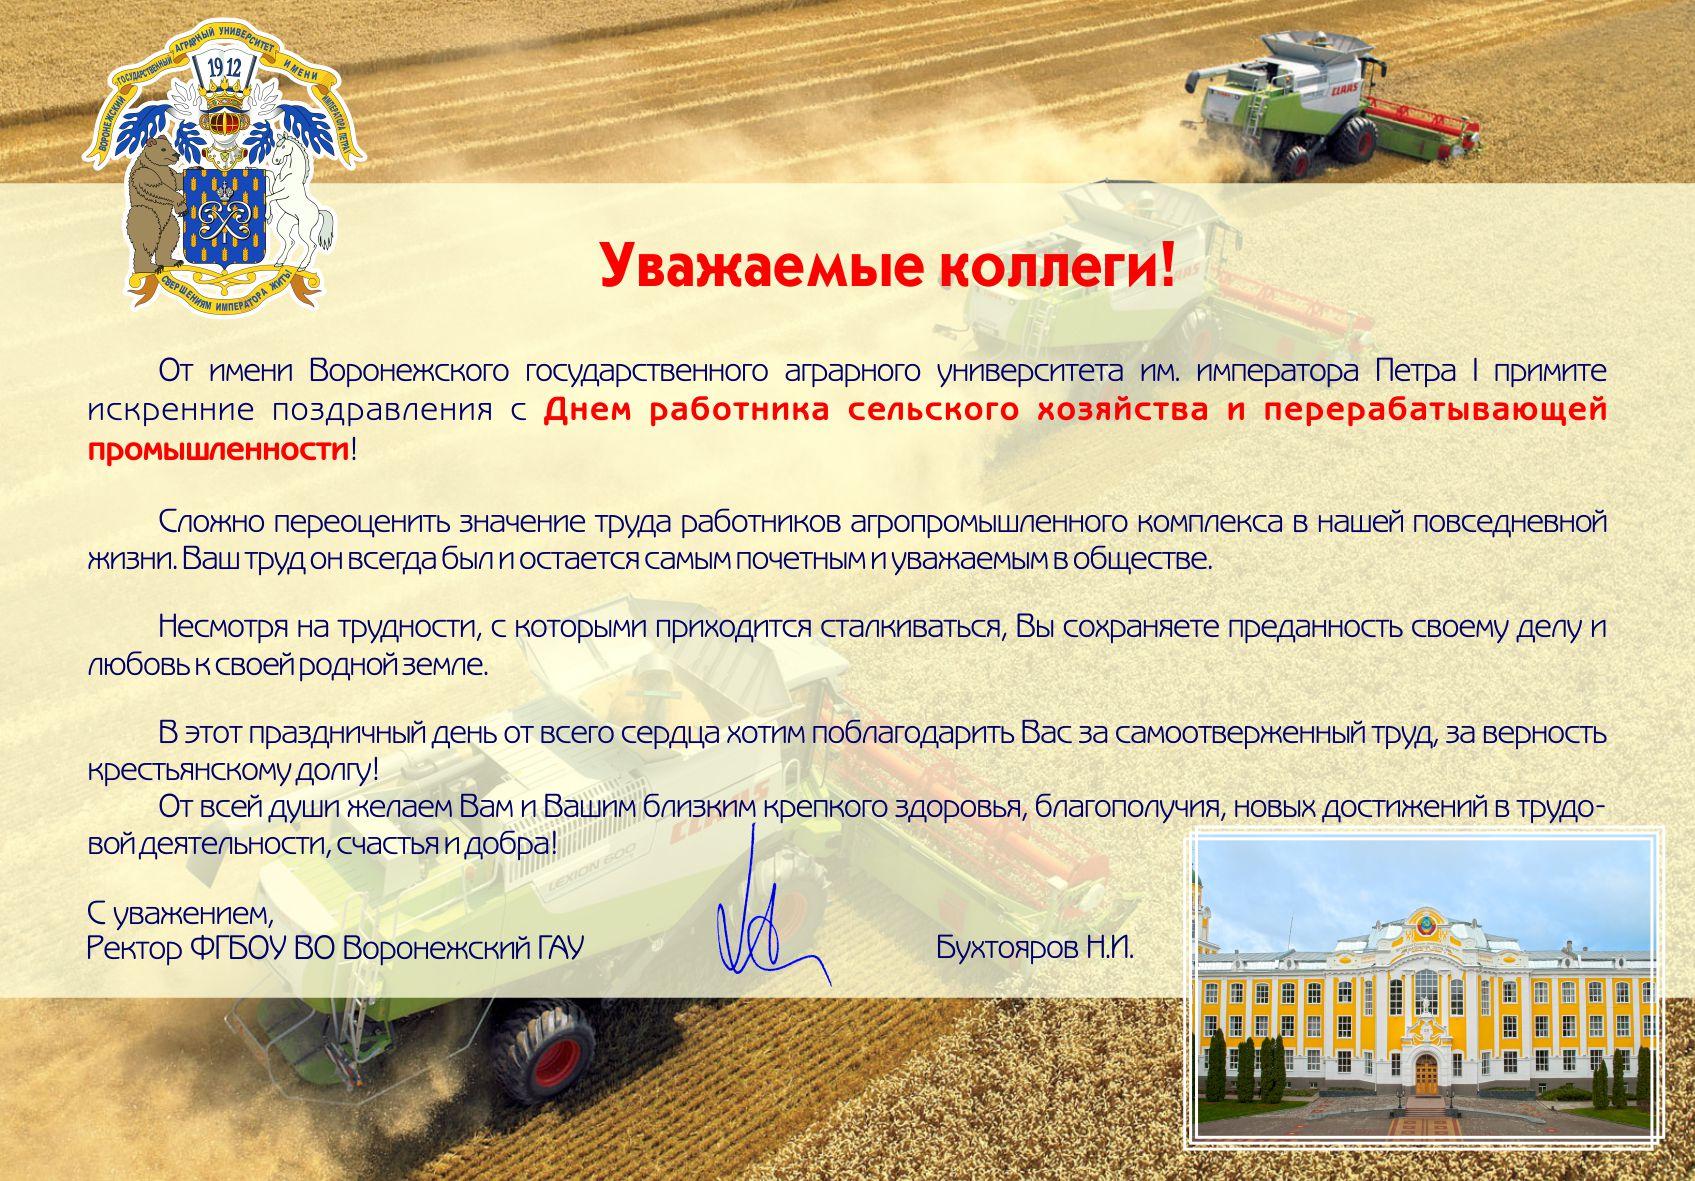 Картинки к празднику сельского хозяйства